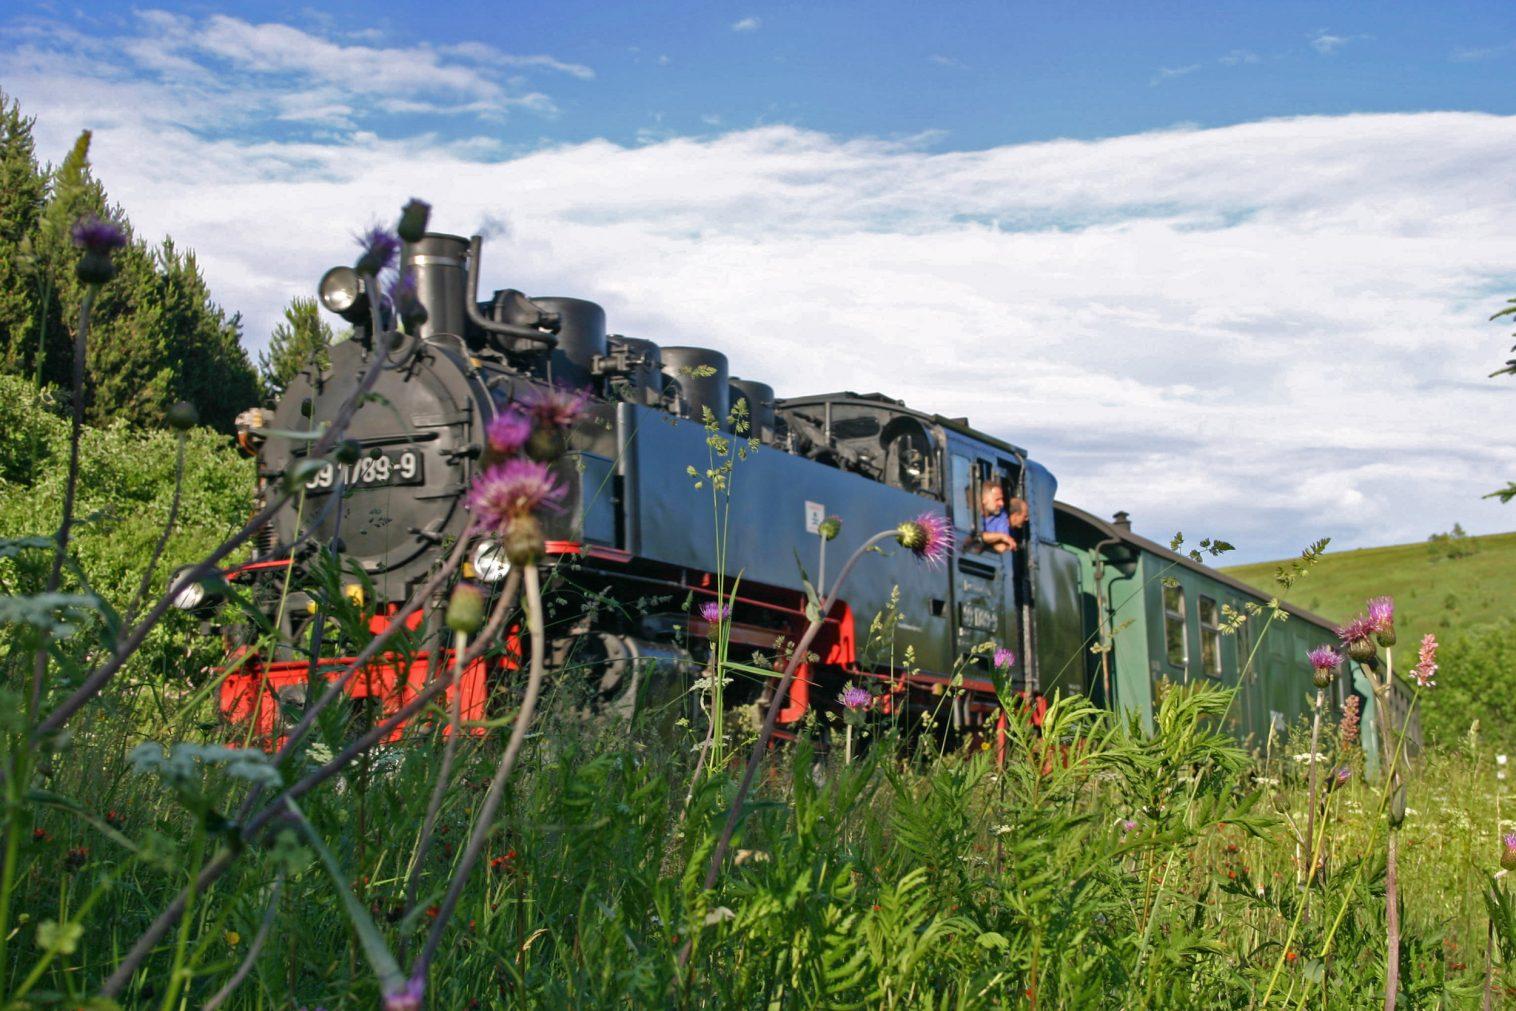 Ein Fahrt mit dieser Schmalspurbahn ist ein muss für jeden Eisenbahnliebhaber